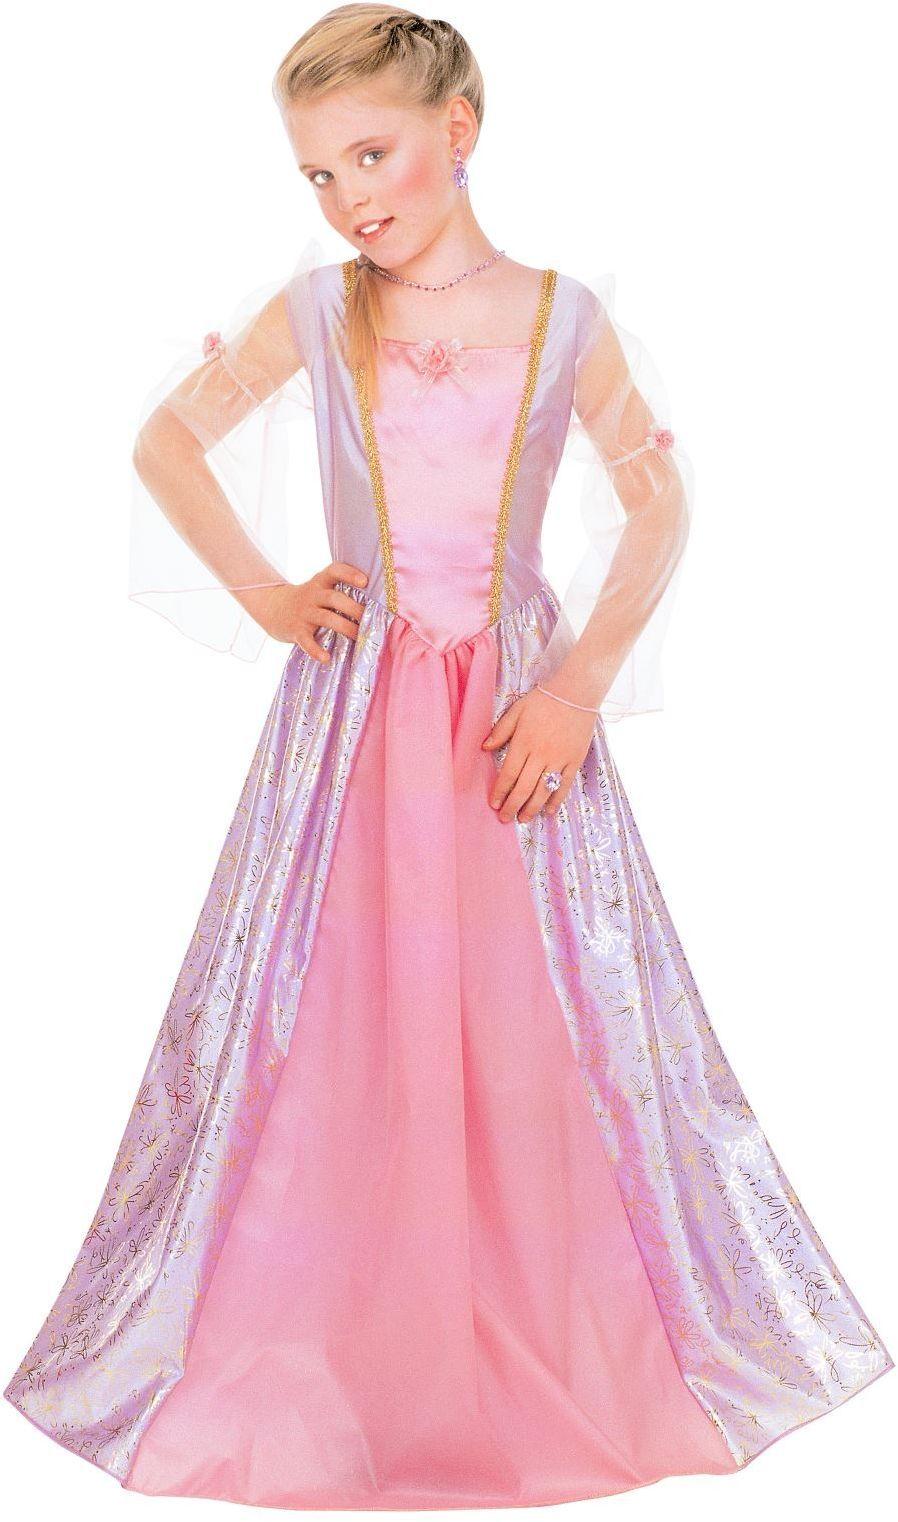 Roze lange jurk meisjes